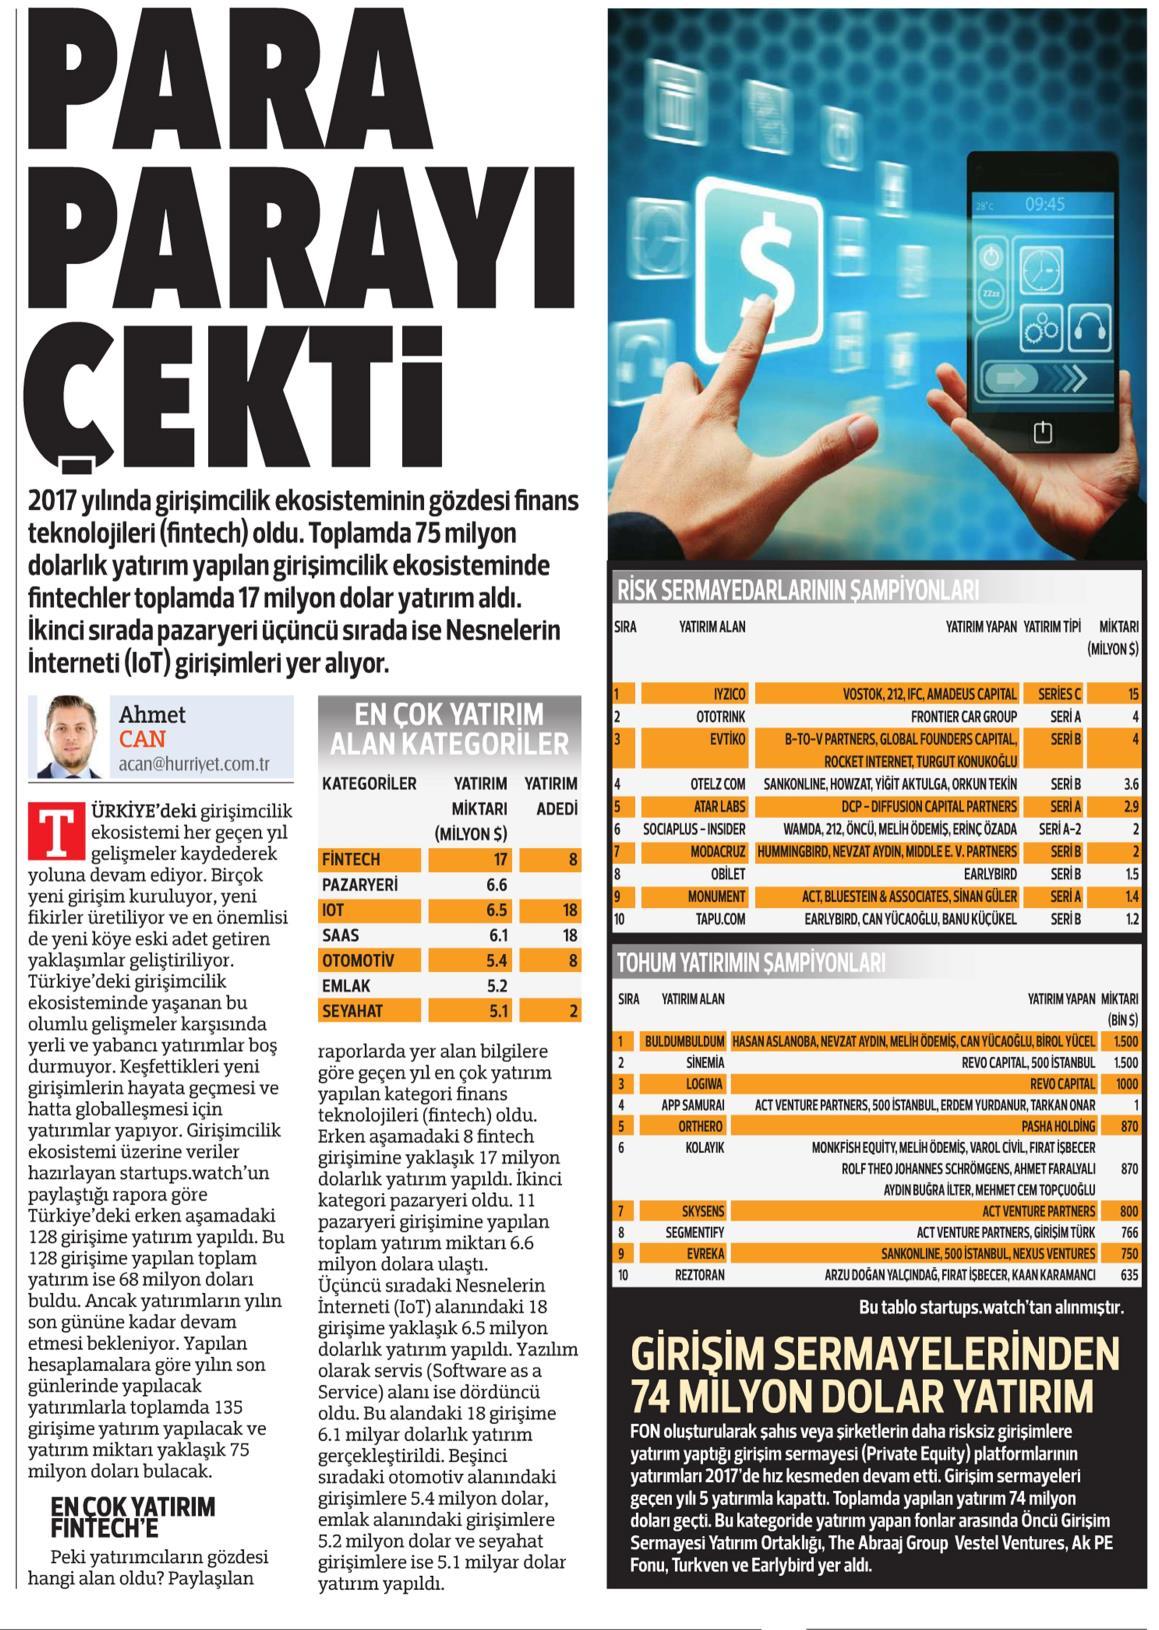 HÜRRİYET+İK+&+YENİ+EKONOMİ_20171231_1